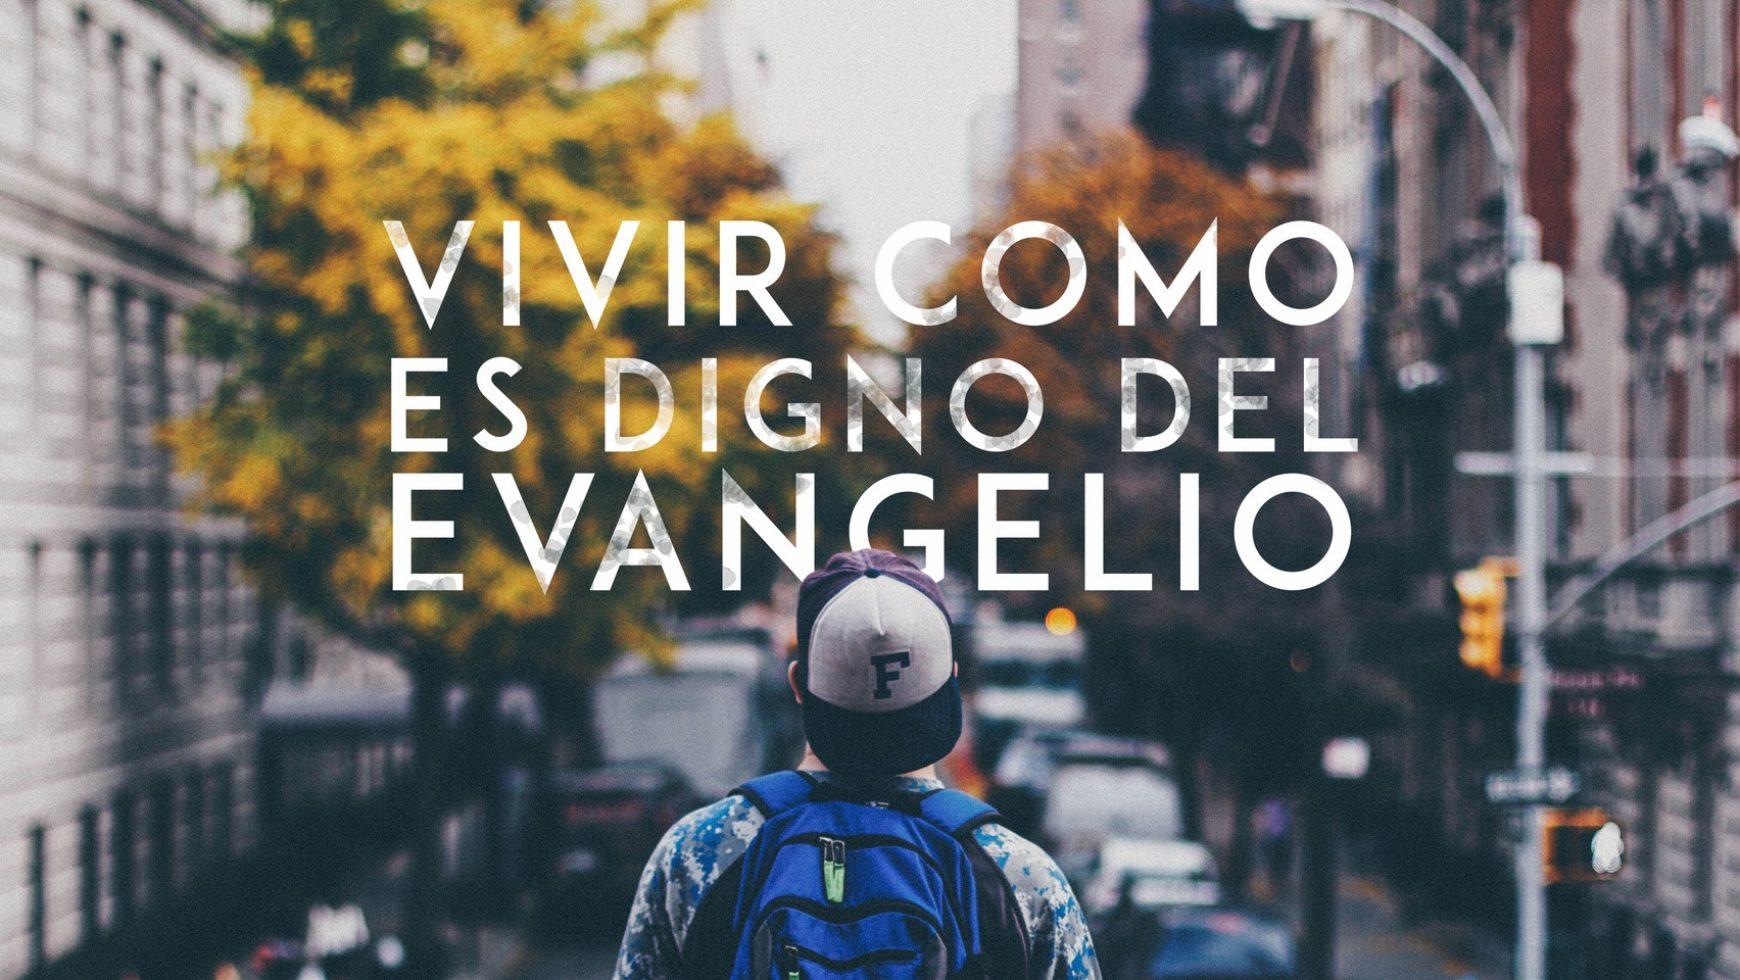 Tres motivos para vivir como es digno del Evangelio